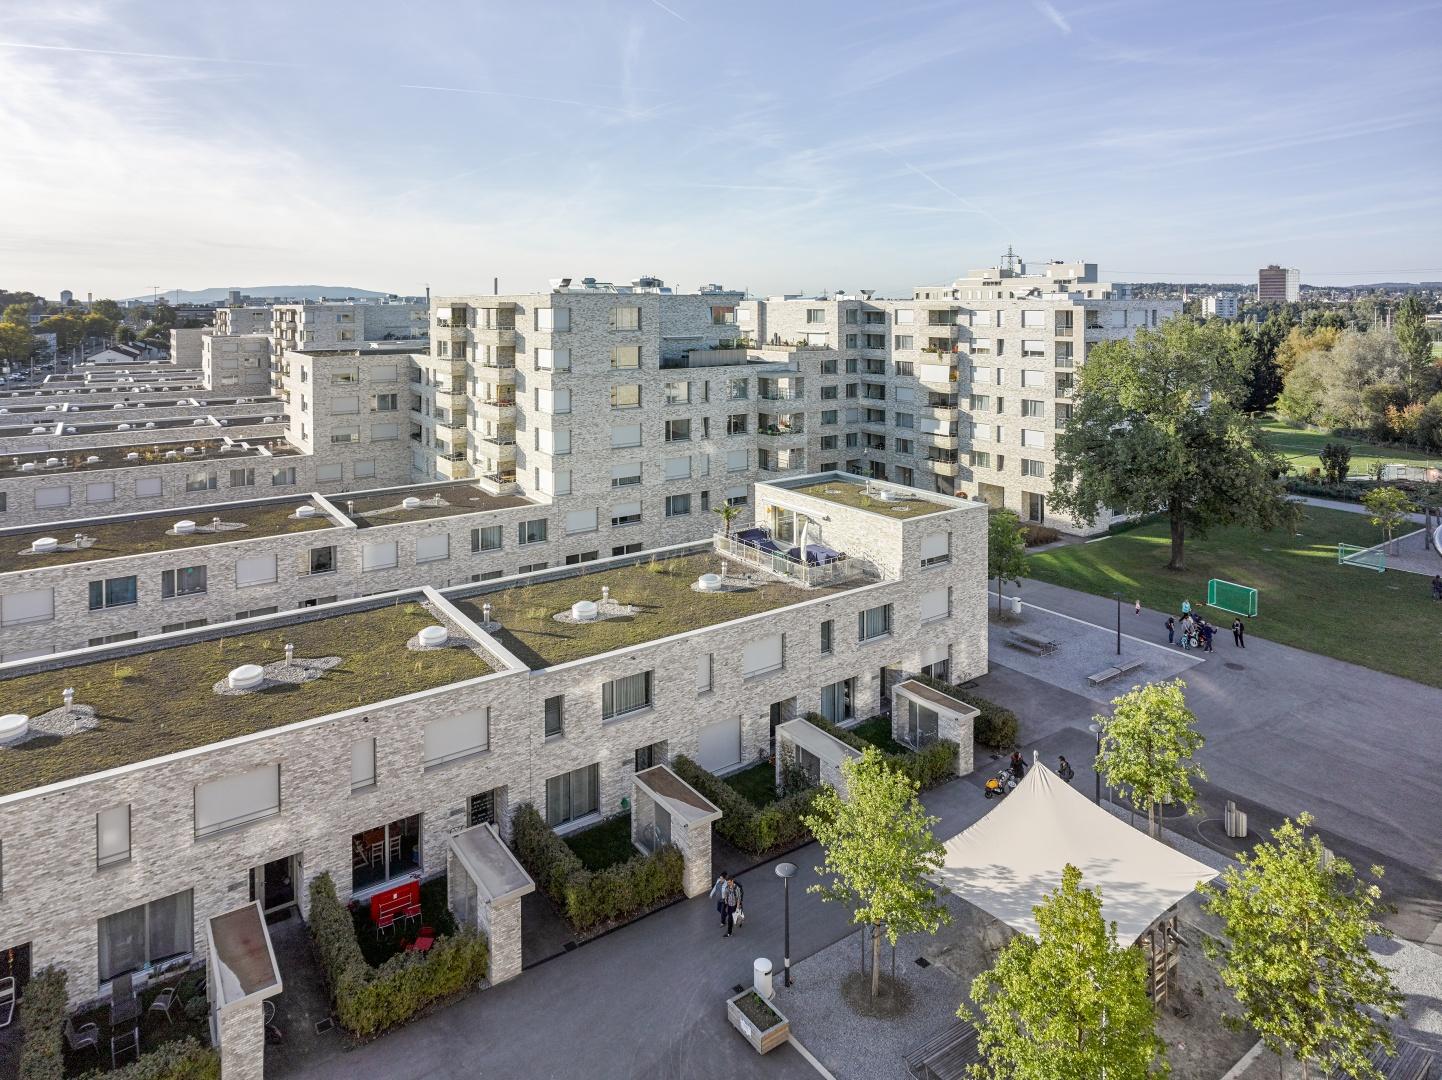 Blick auf Siedlung von Haus A © Johannes Marburg